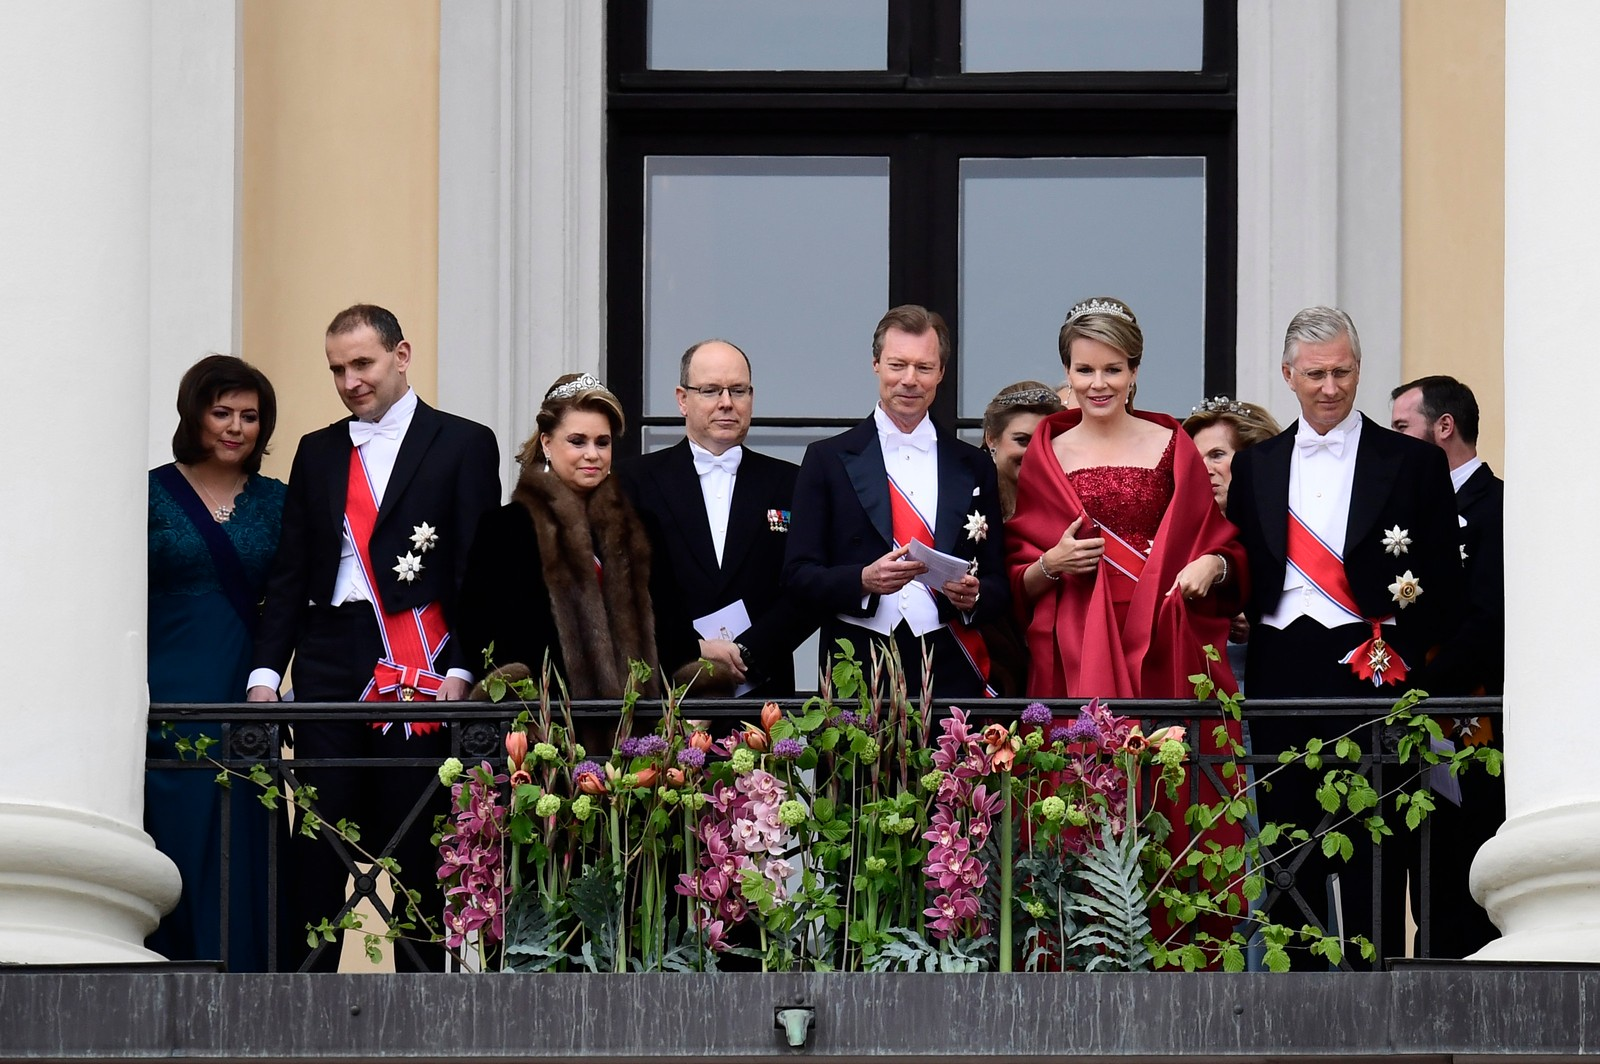 Kongeparet med kongelige gjester hilser publikum fra slottsbalkongen i anledning sin 80-årsfeiring. Fra v.: Eliza Reid, Islands president Gudni Johannesson, storhertuginne , , Maria-Teresa av Luxembourg, fyrst Albert av Monaco, Storhertug Henri av Luxembourg, Dronning Mathilde og Kong Philippe av Belgia,